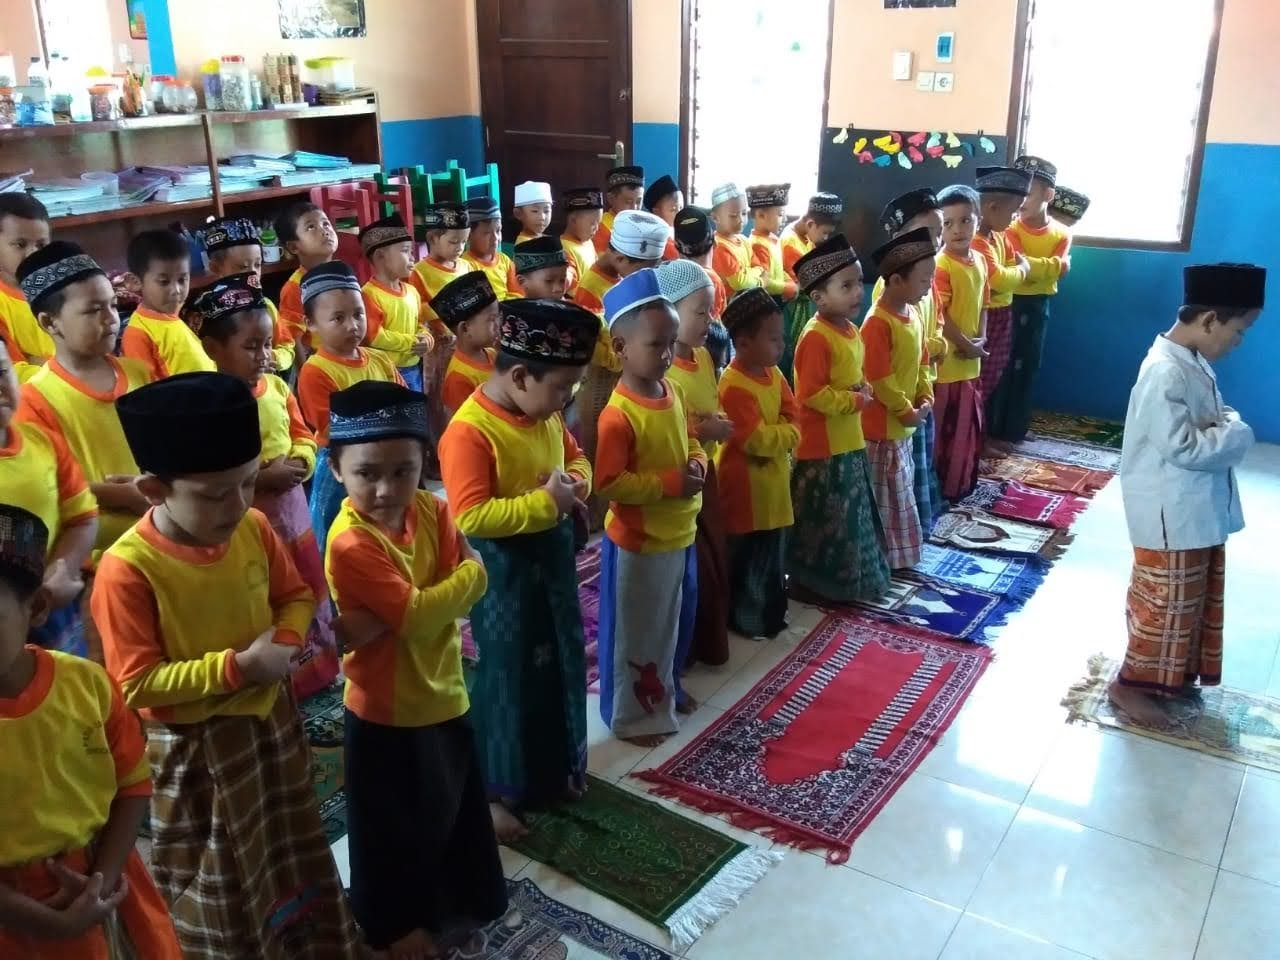 KEGIATAN : Salat berjamaah yang oleh murid-murid TPA Ibnu Aqil sebelum pandemi covid-19.(DOK TPA IBNU AQIL FOR LINGKAR.CO)